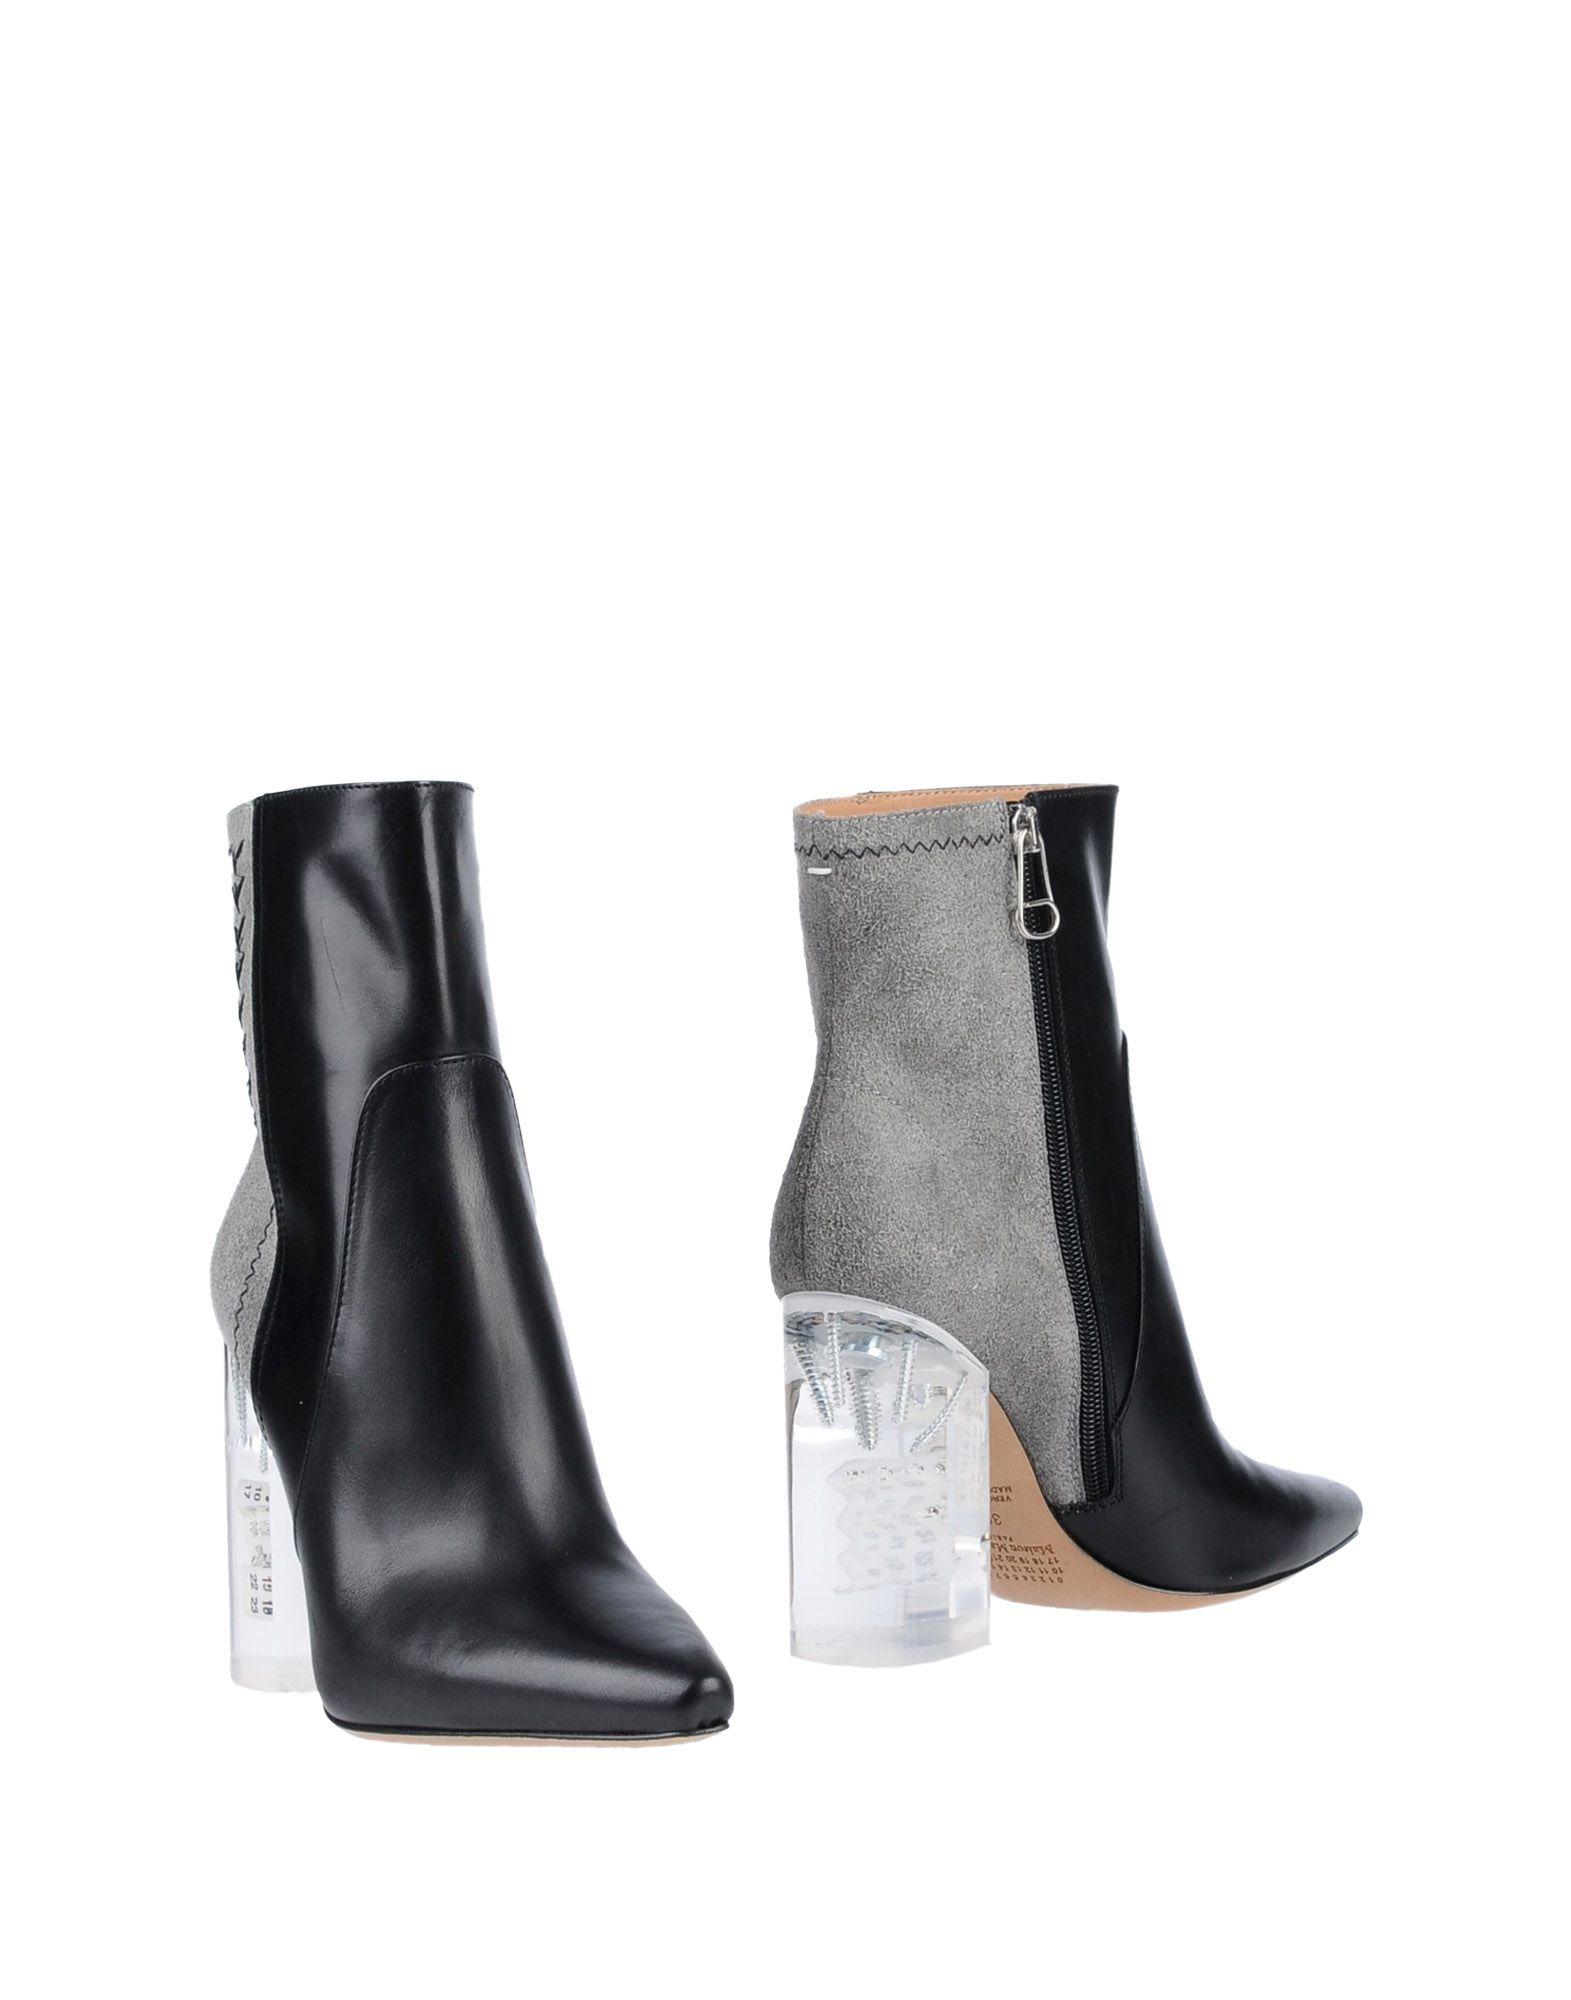 Maison Margiela Stiefelette Damen Schuhe  11471964VJGünstige gut aussehende Schuhe Damen d1f815